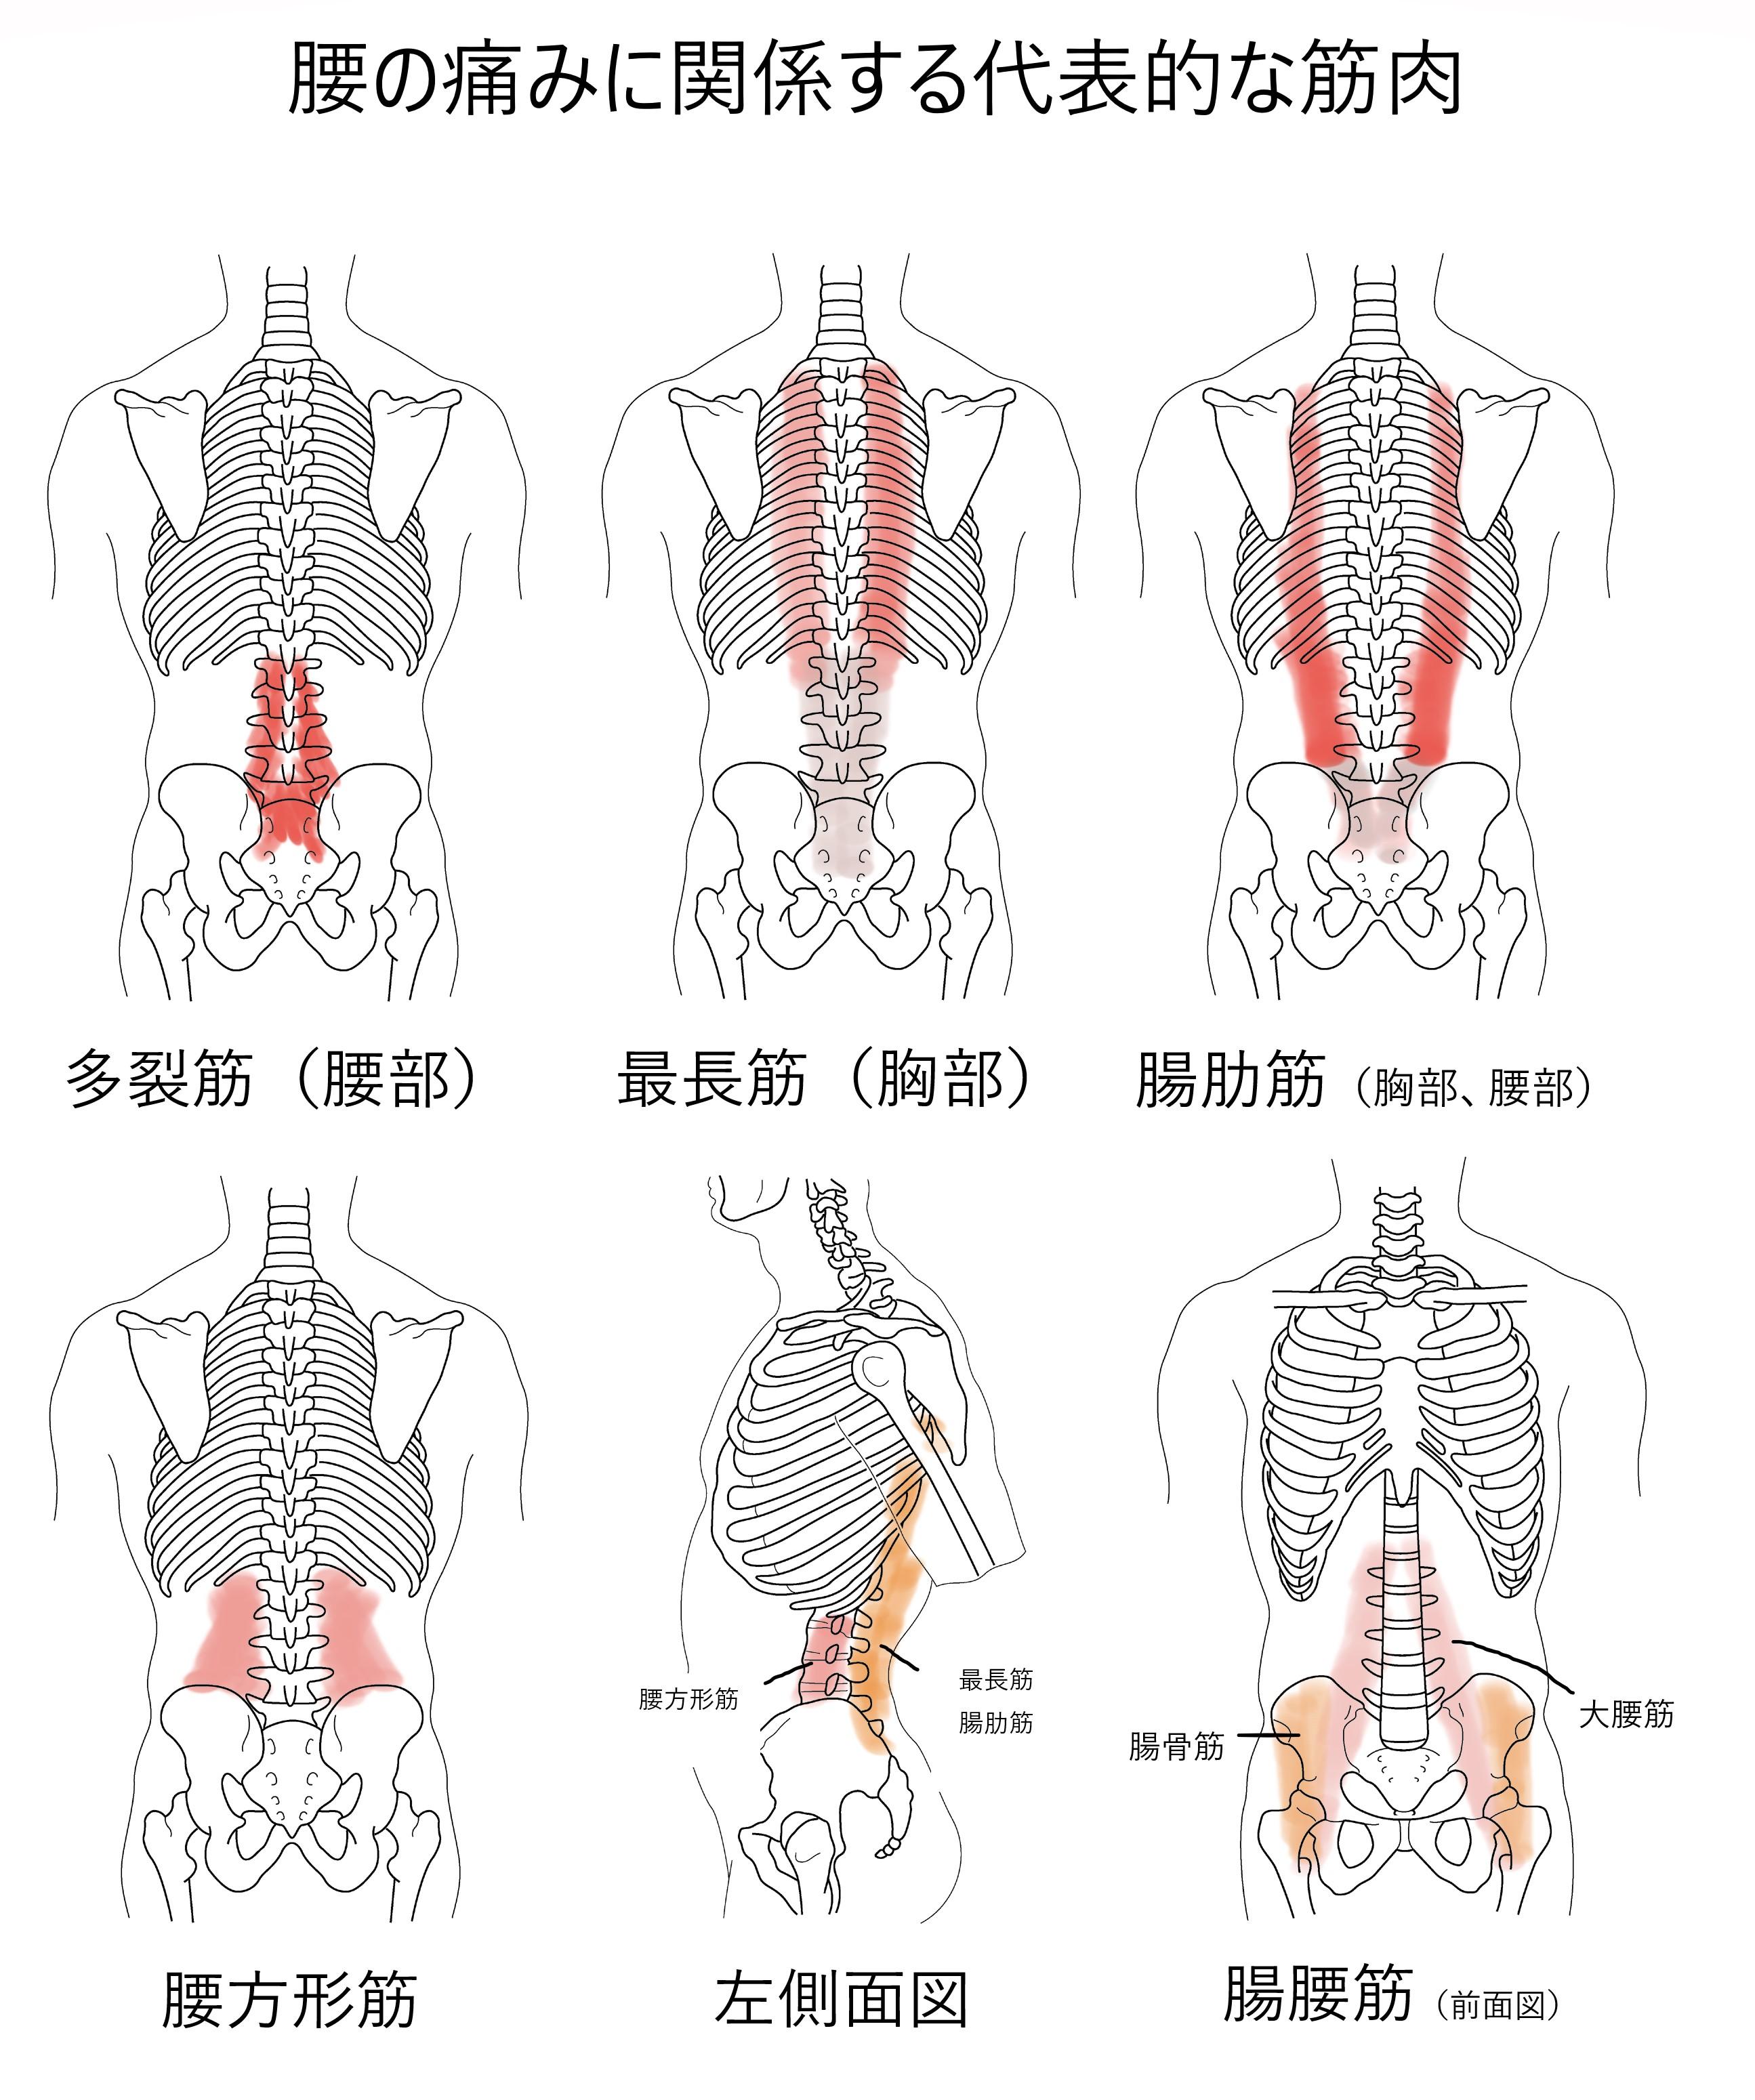 と 背中 痛み 左 胸 の